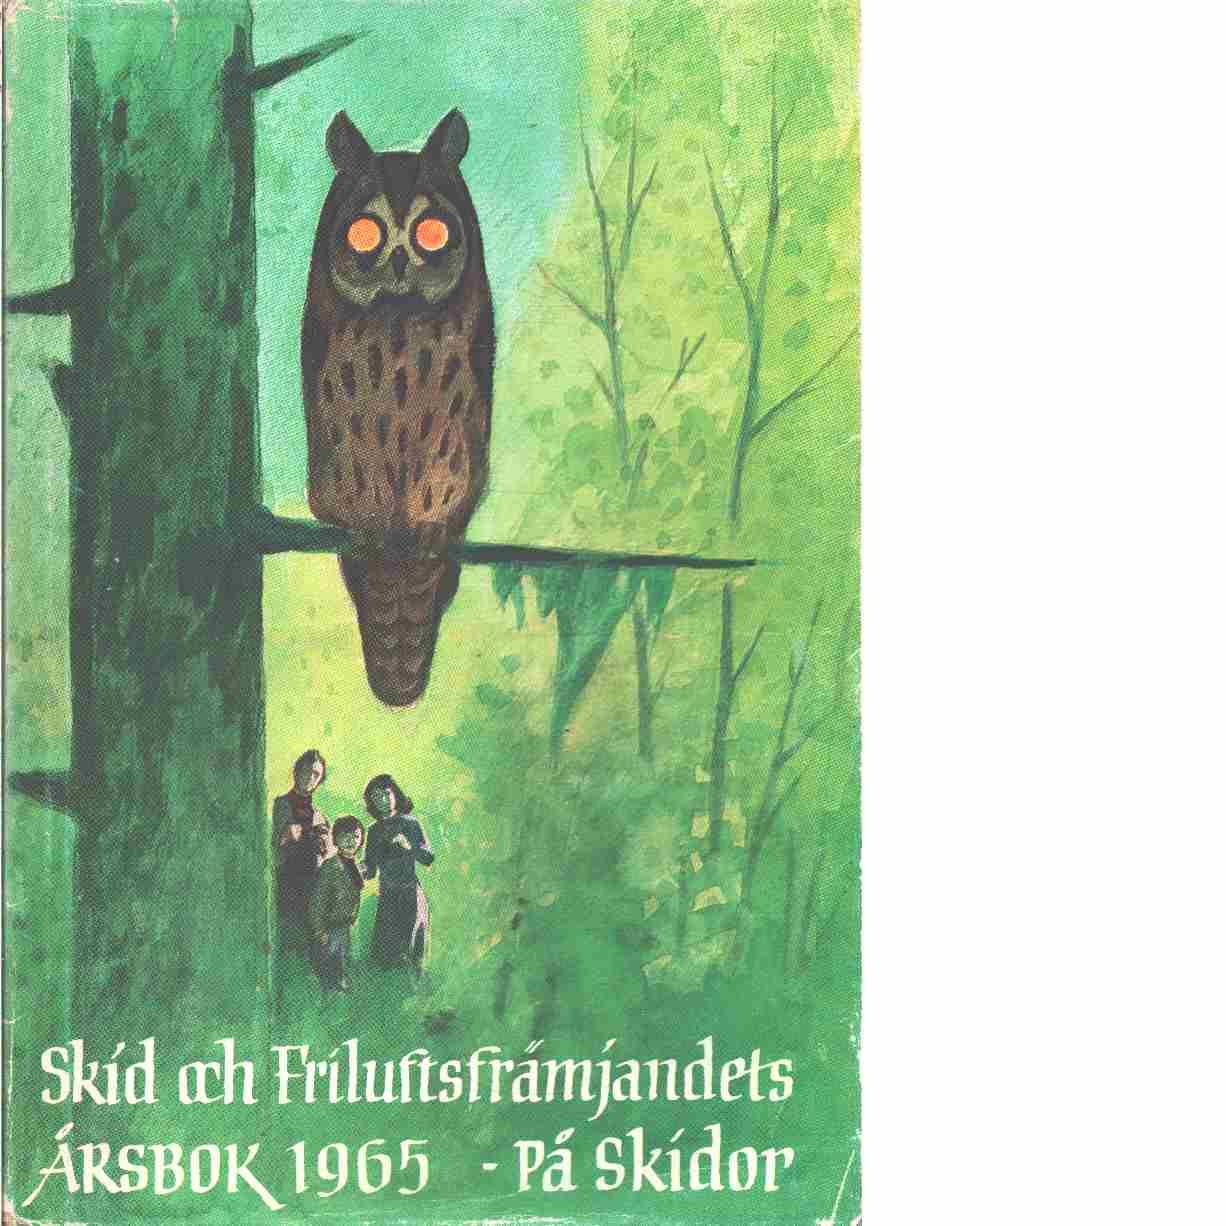 På skidor : Skid- och friluftsfrämjandets årsbok. Årsbok 1965 - Skid- och friluftsfrämjandet